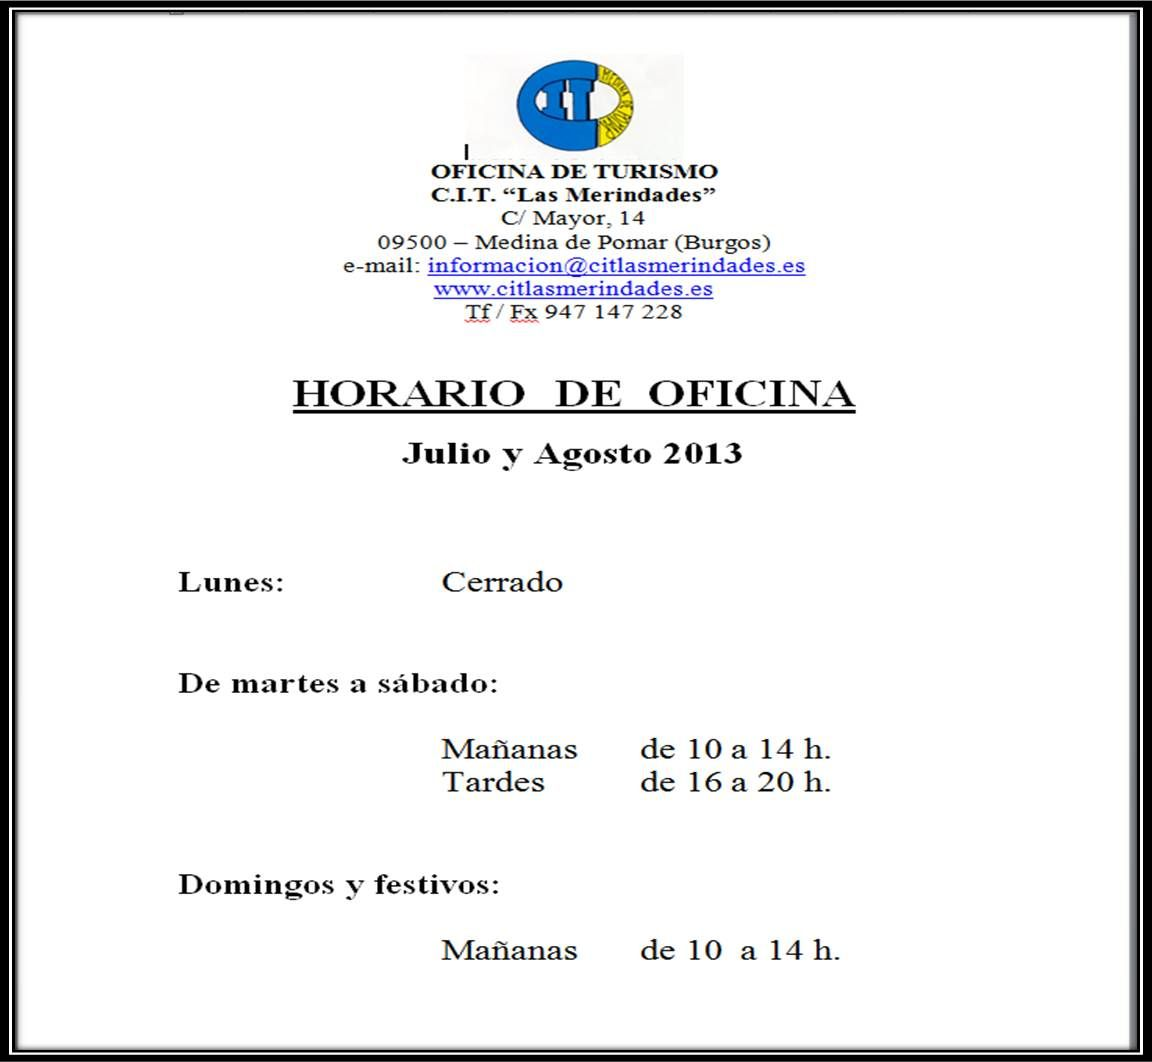 Horario de oficina cit merindades julio y agosto 2013 for Horario oficinas correos agosto